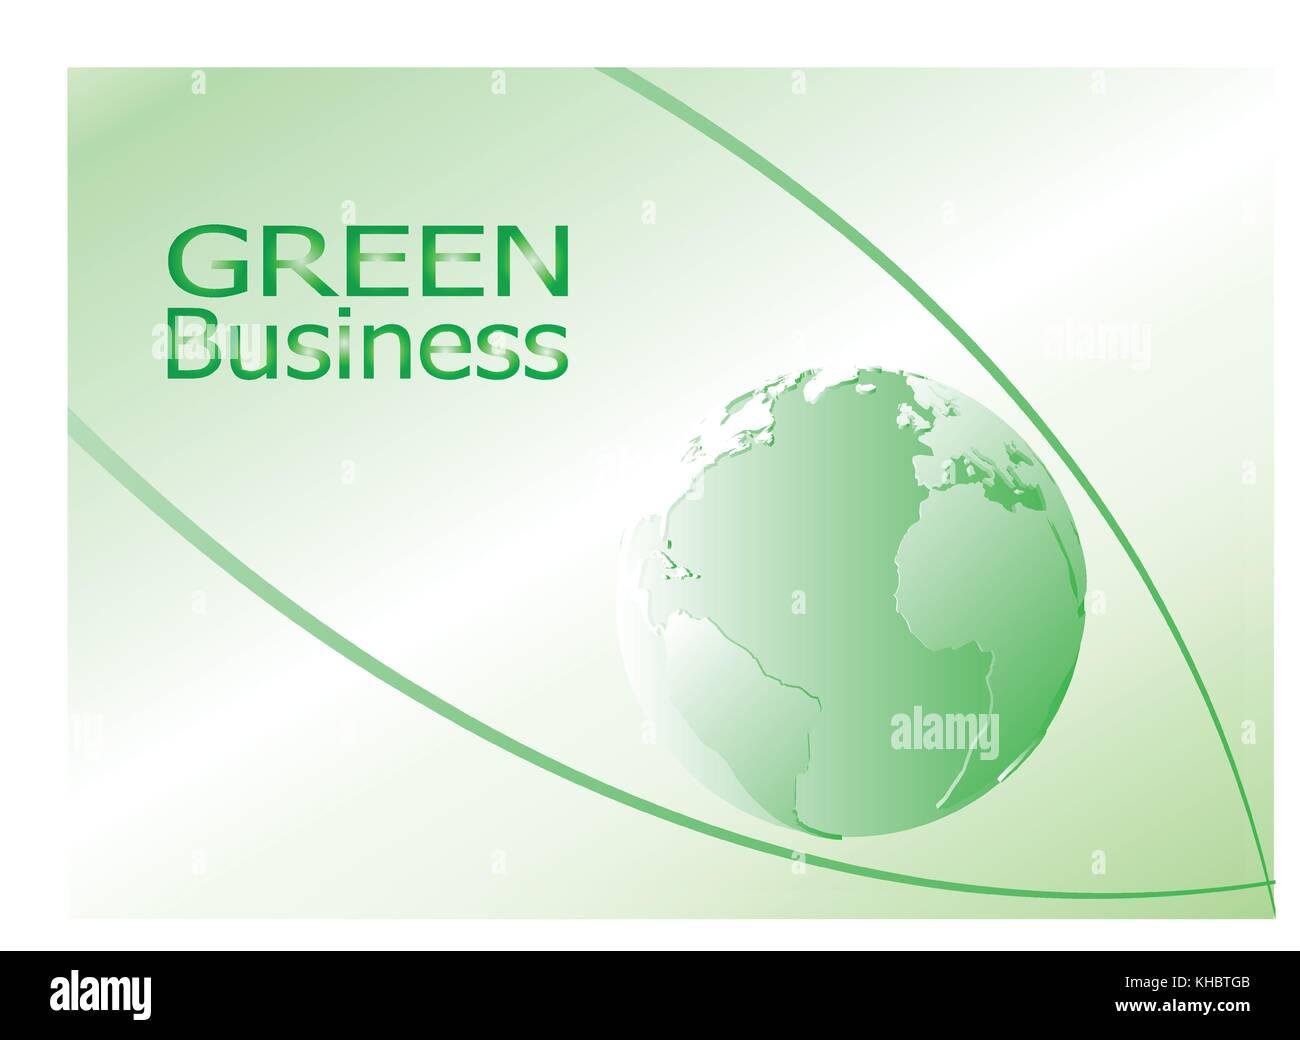 Green Business background Vektor. Es für Arten von Medien Präsentation wie Hintergrund, Hintergrund, Illustration, Stockbild